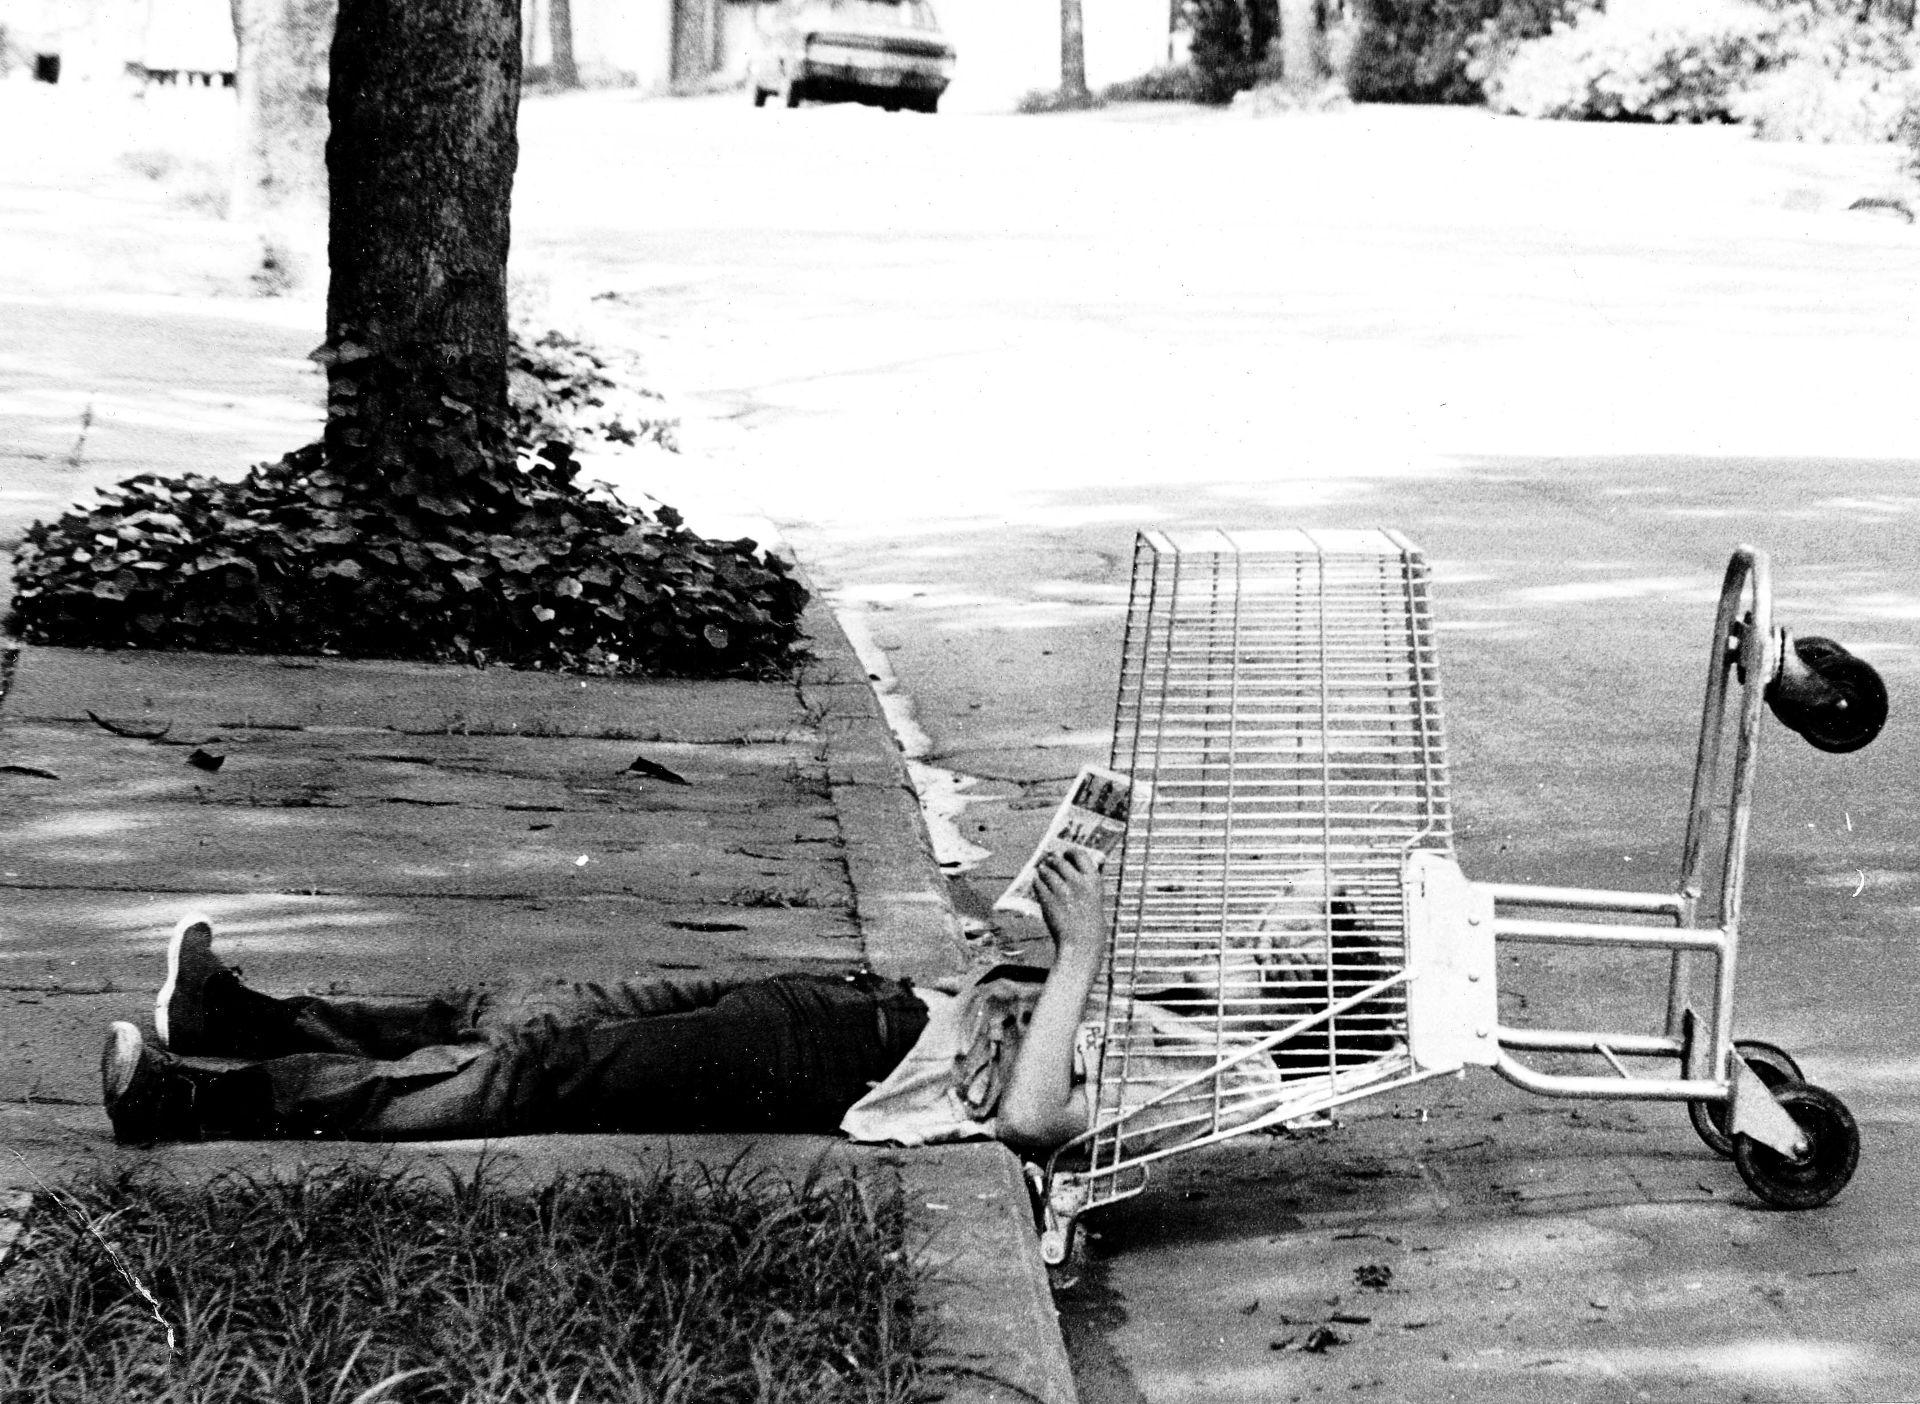 Descanso em branco e preto, da Série Descanso. São Paulo, 1973. Foto de Stefania Bril / Acervo IMS